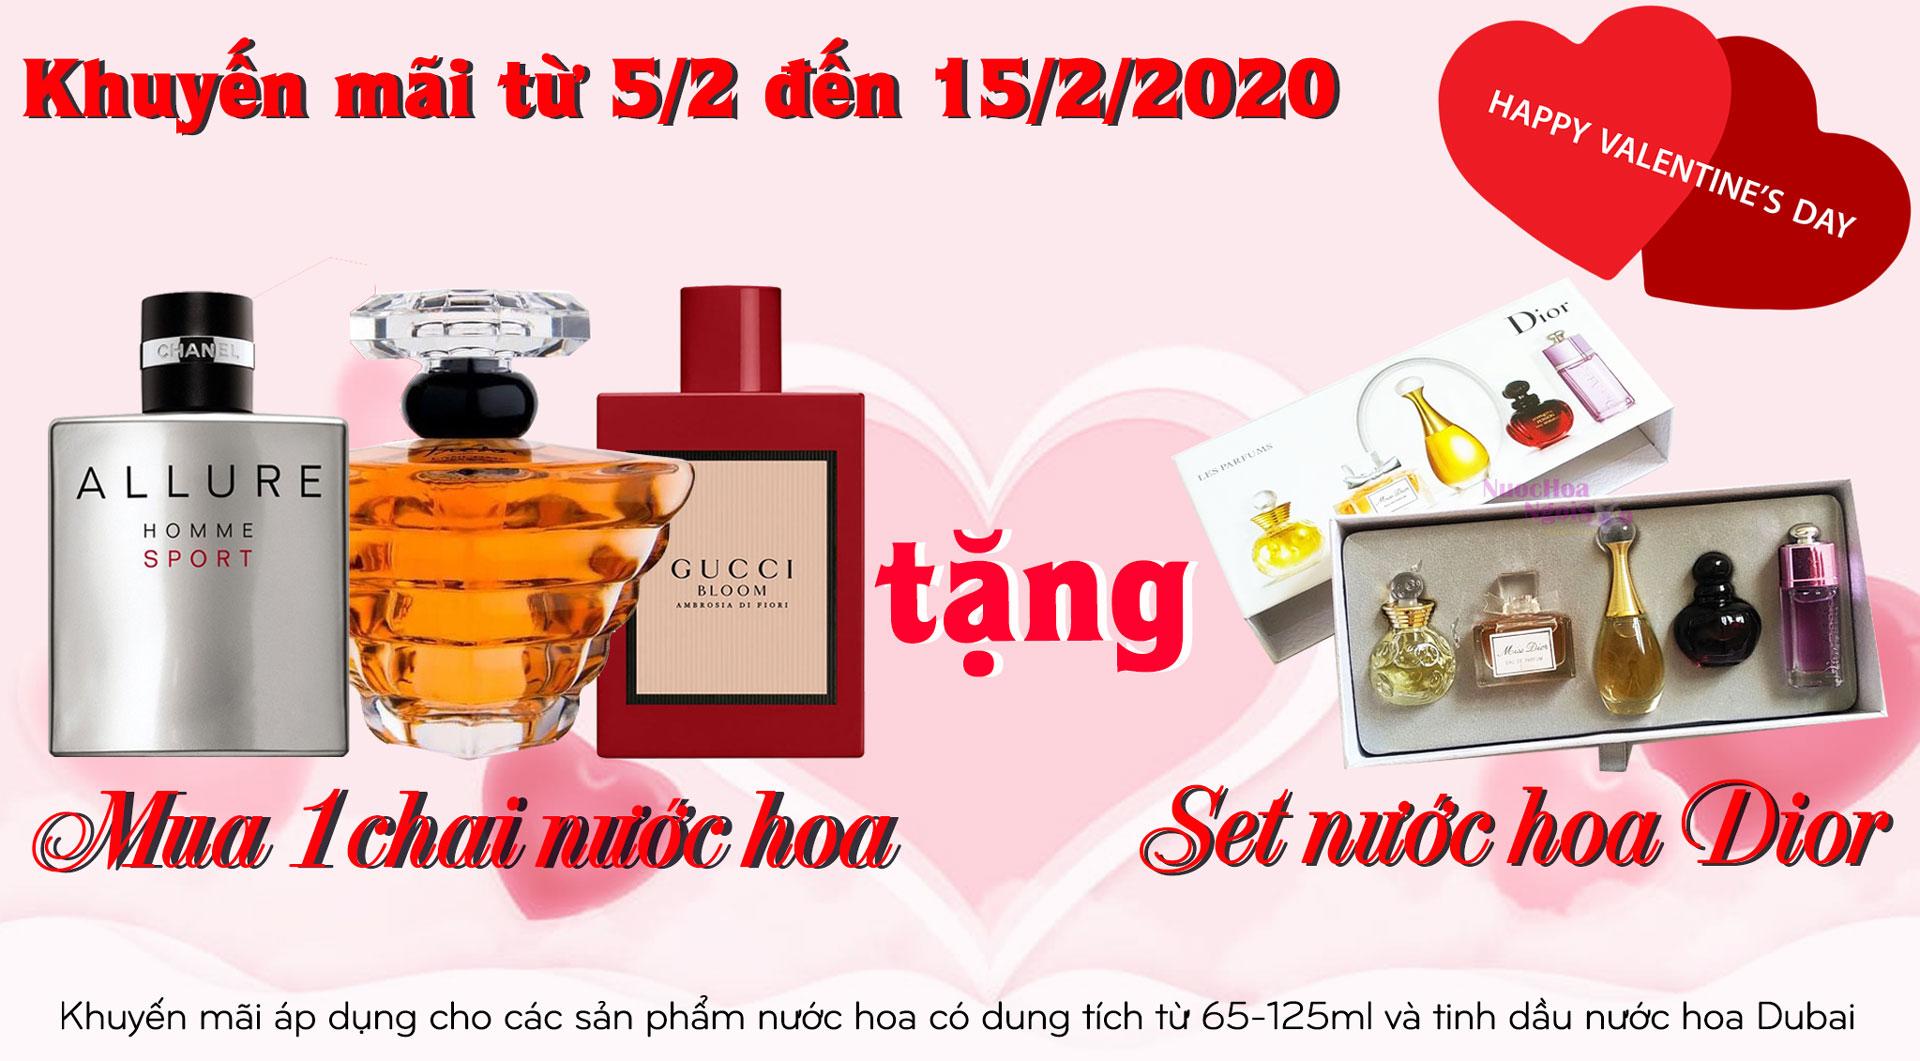 Khuyến mãi nước hoa ngày Valentine: Mua 1 chai nước hoa được tặng 1 set nước hoa Dior